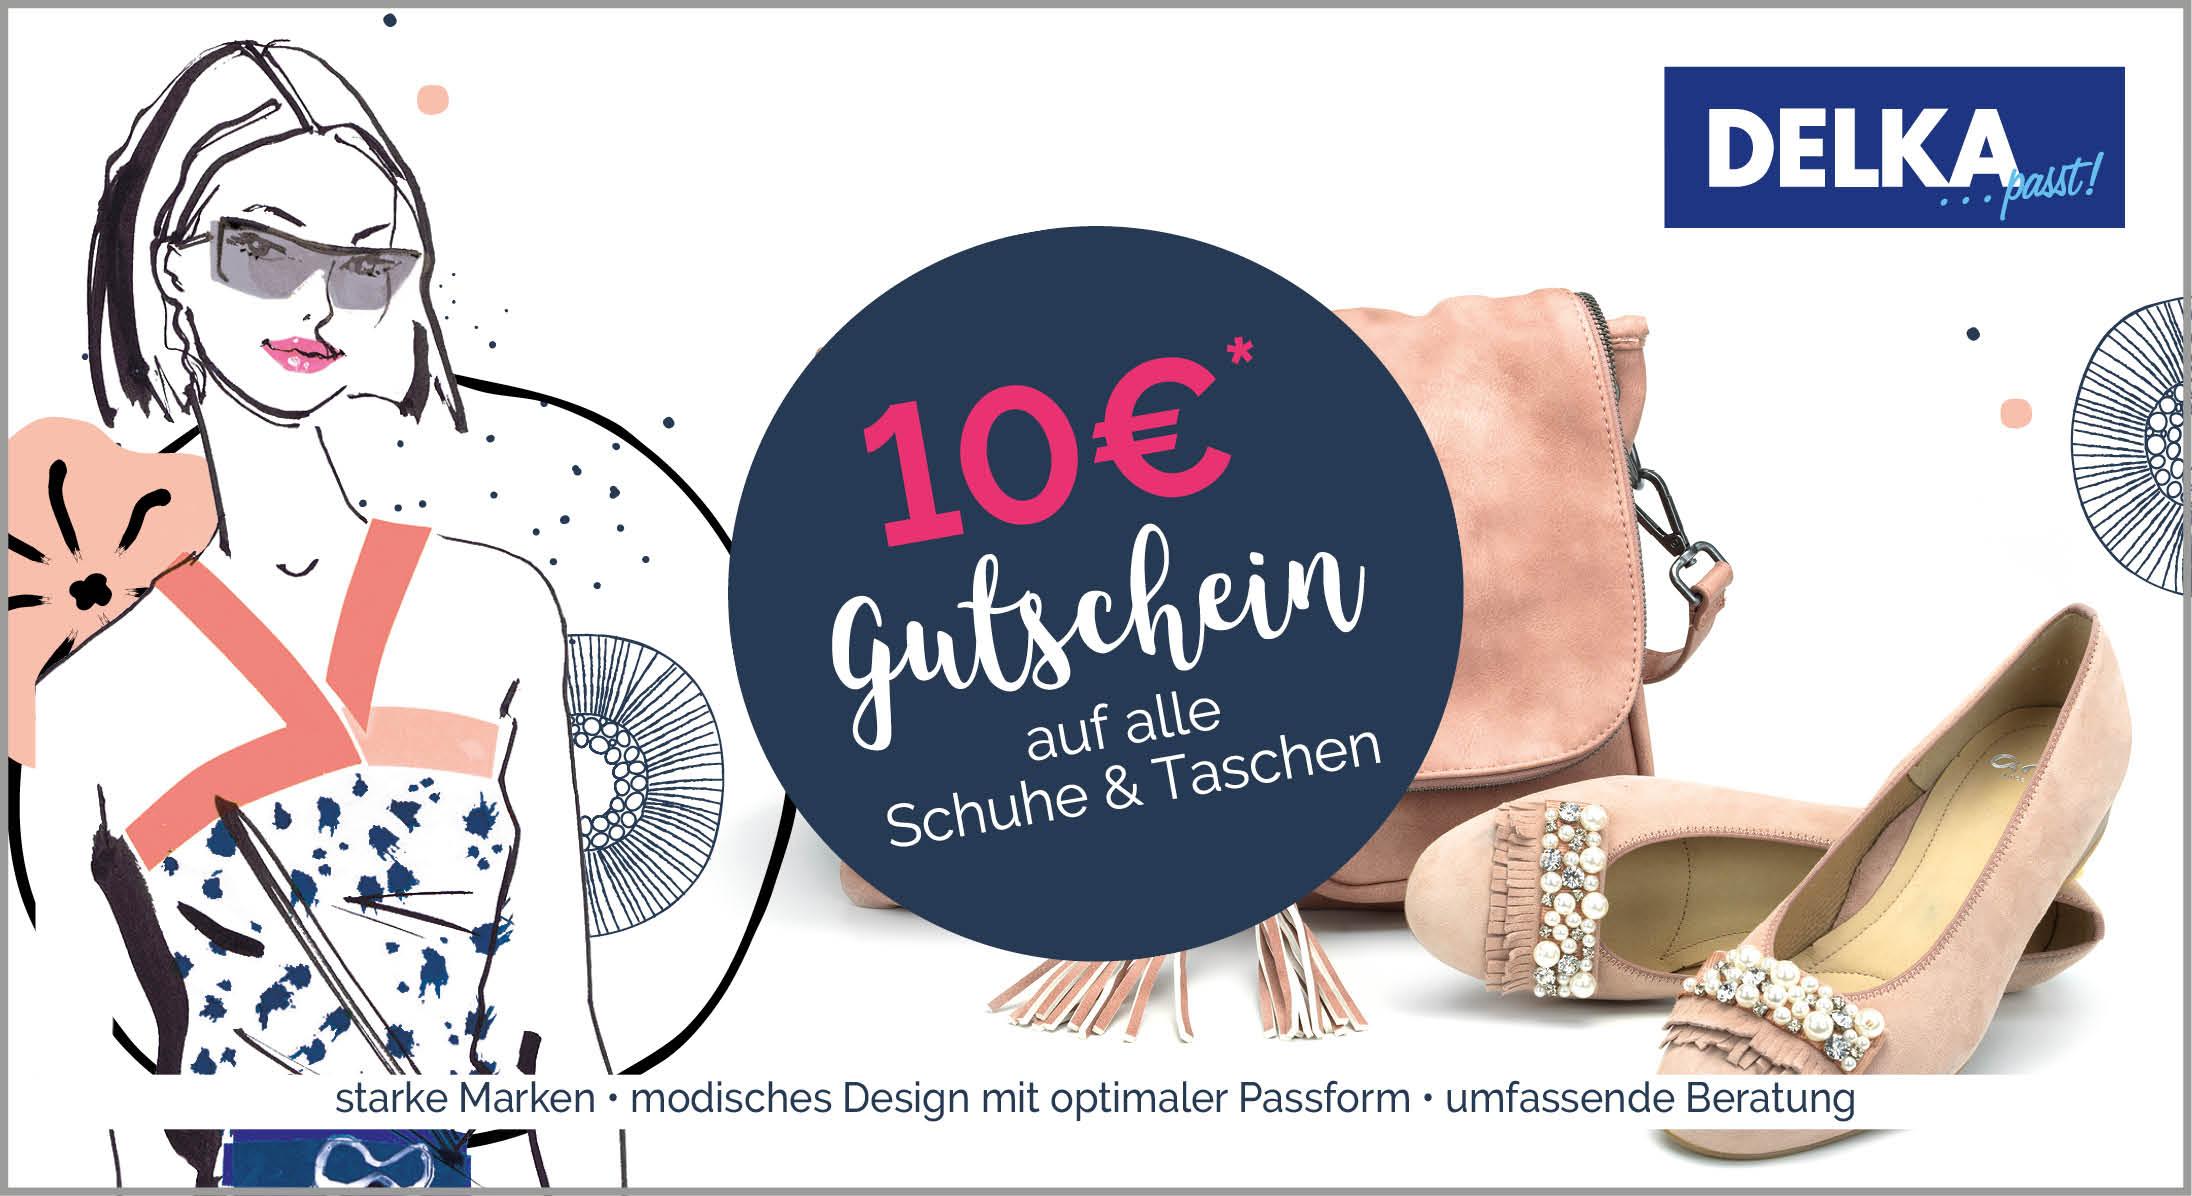 DELKA 10 Euro Gutschein